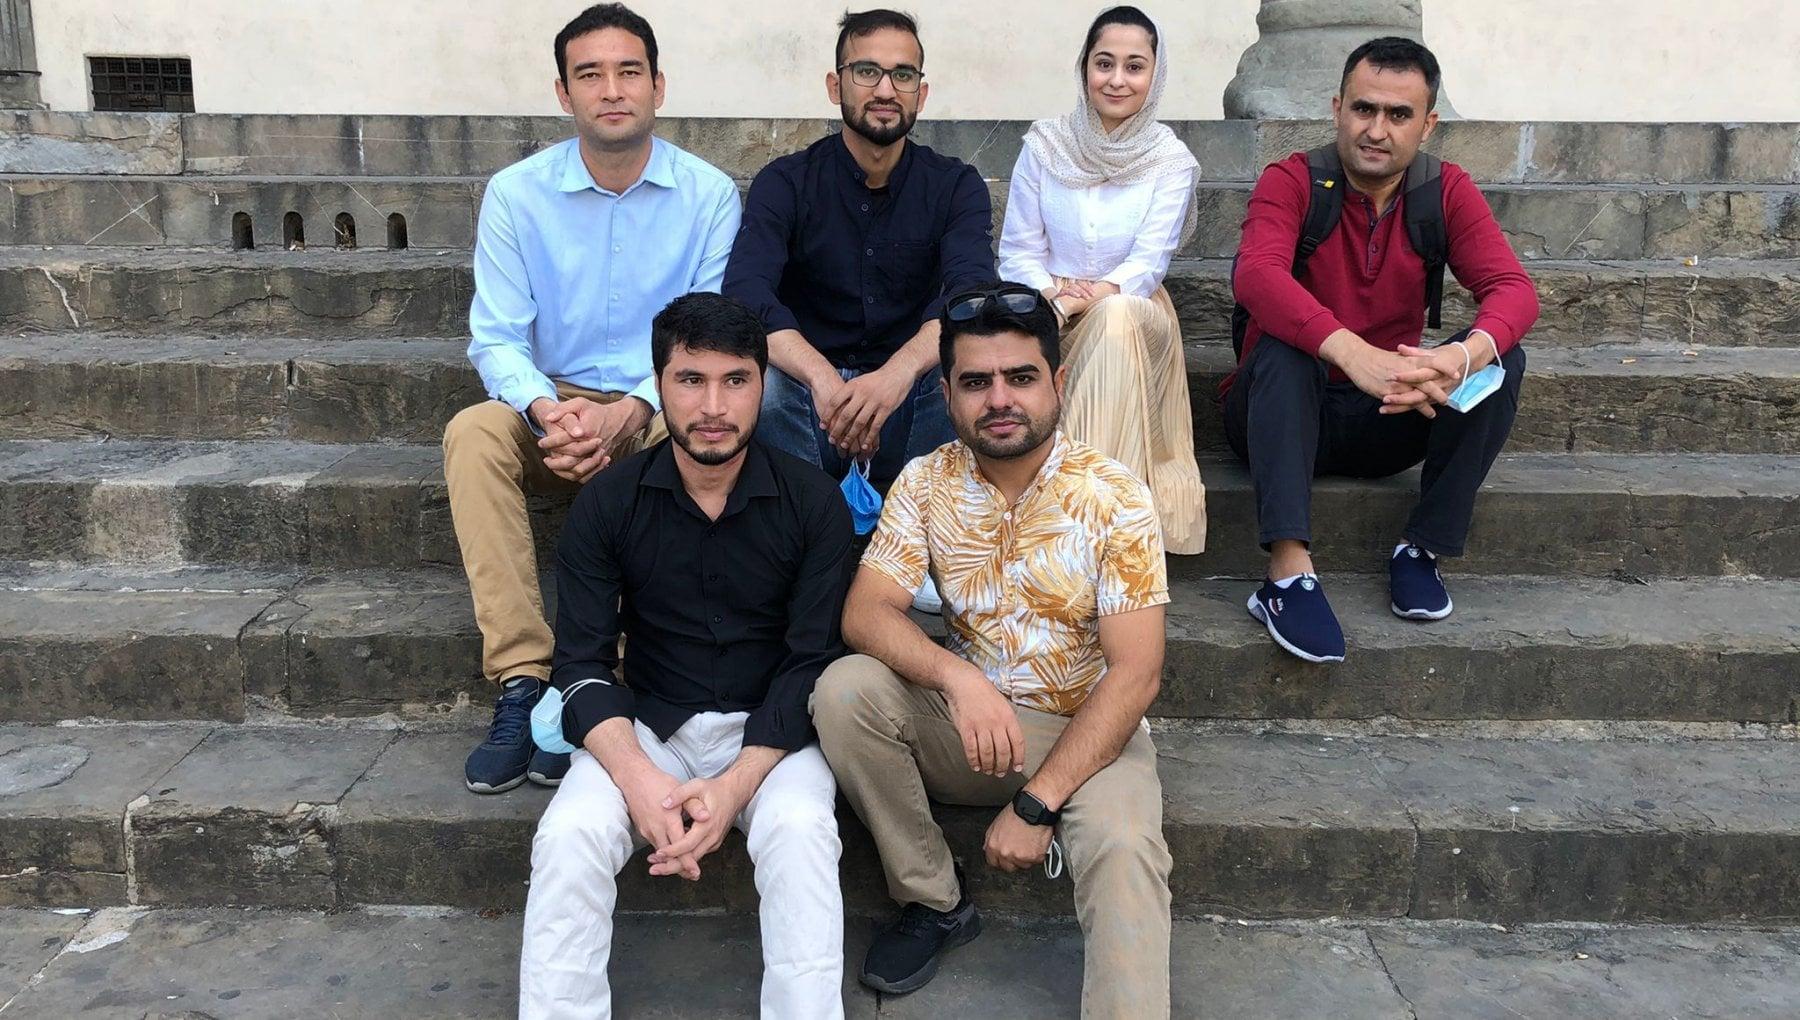 """173650644 8a07ce31 08eb 4fdc 83bd 5dfb69ba18b0 - """"Abbandonati a noi stessi"""": il futuro sospeso di un gruppo di universitari afghani a Firenze"""